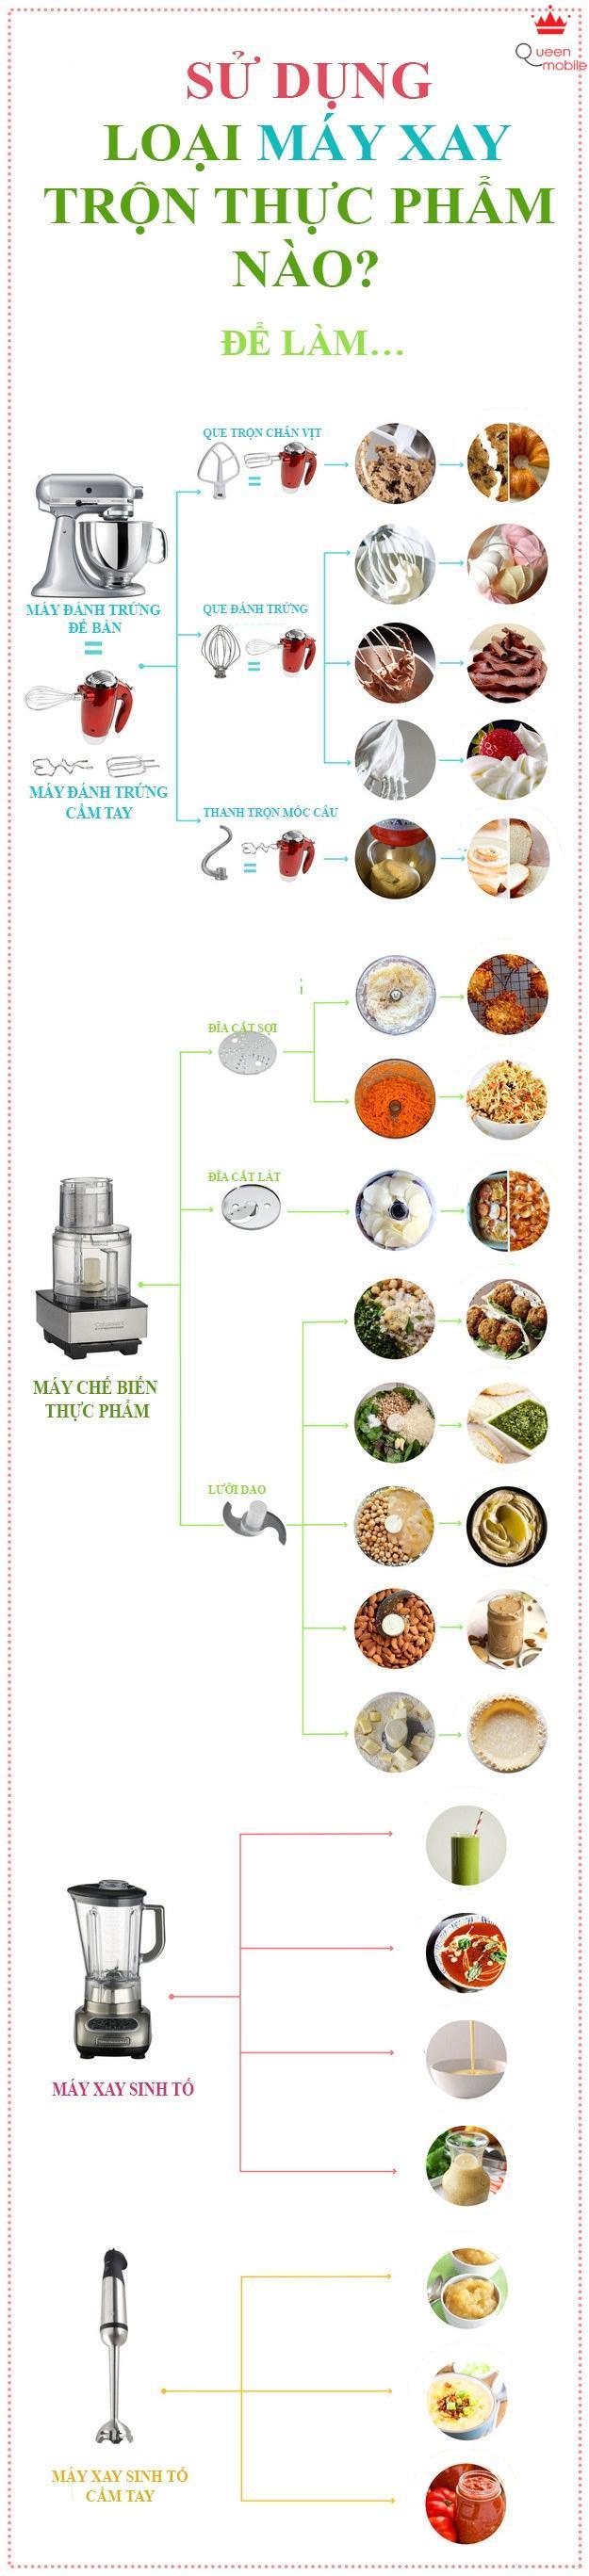 Chọn loại nào trong các máy sau: Chế biến thức phẩm, đánh trứng hay máy xay sinh tố?